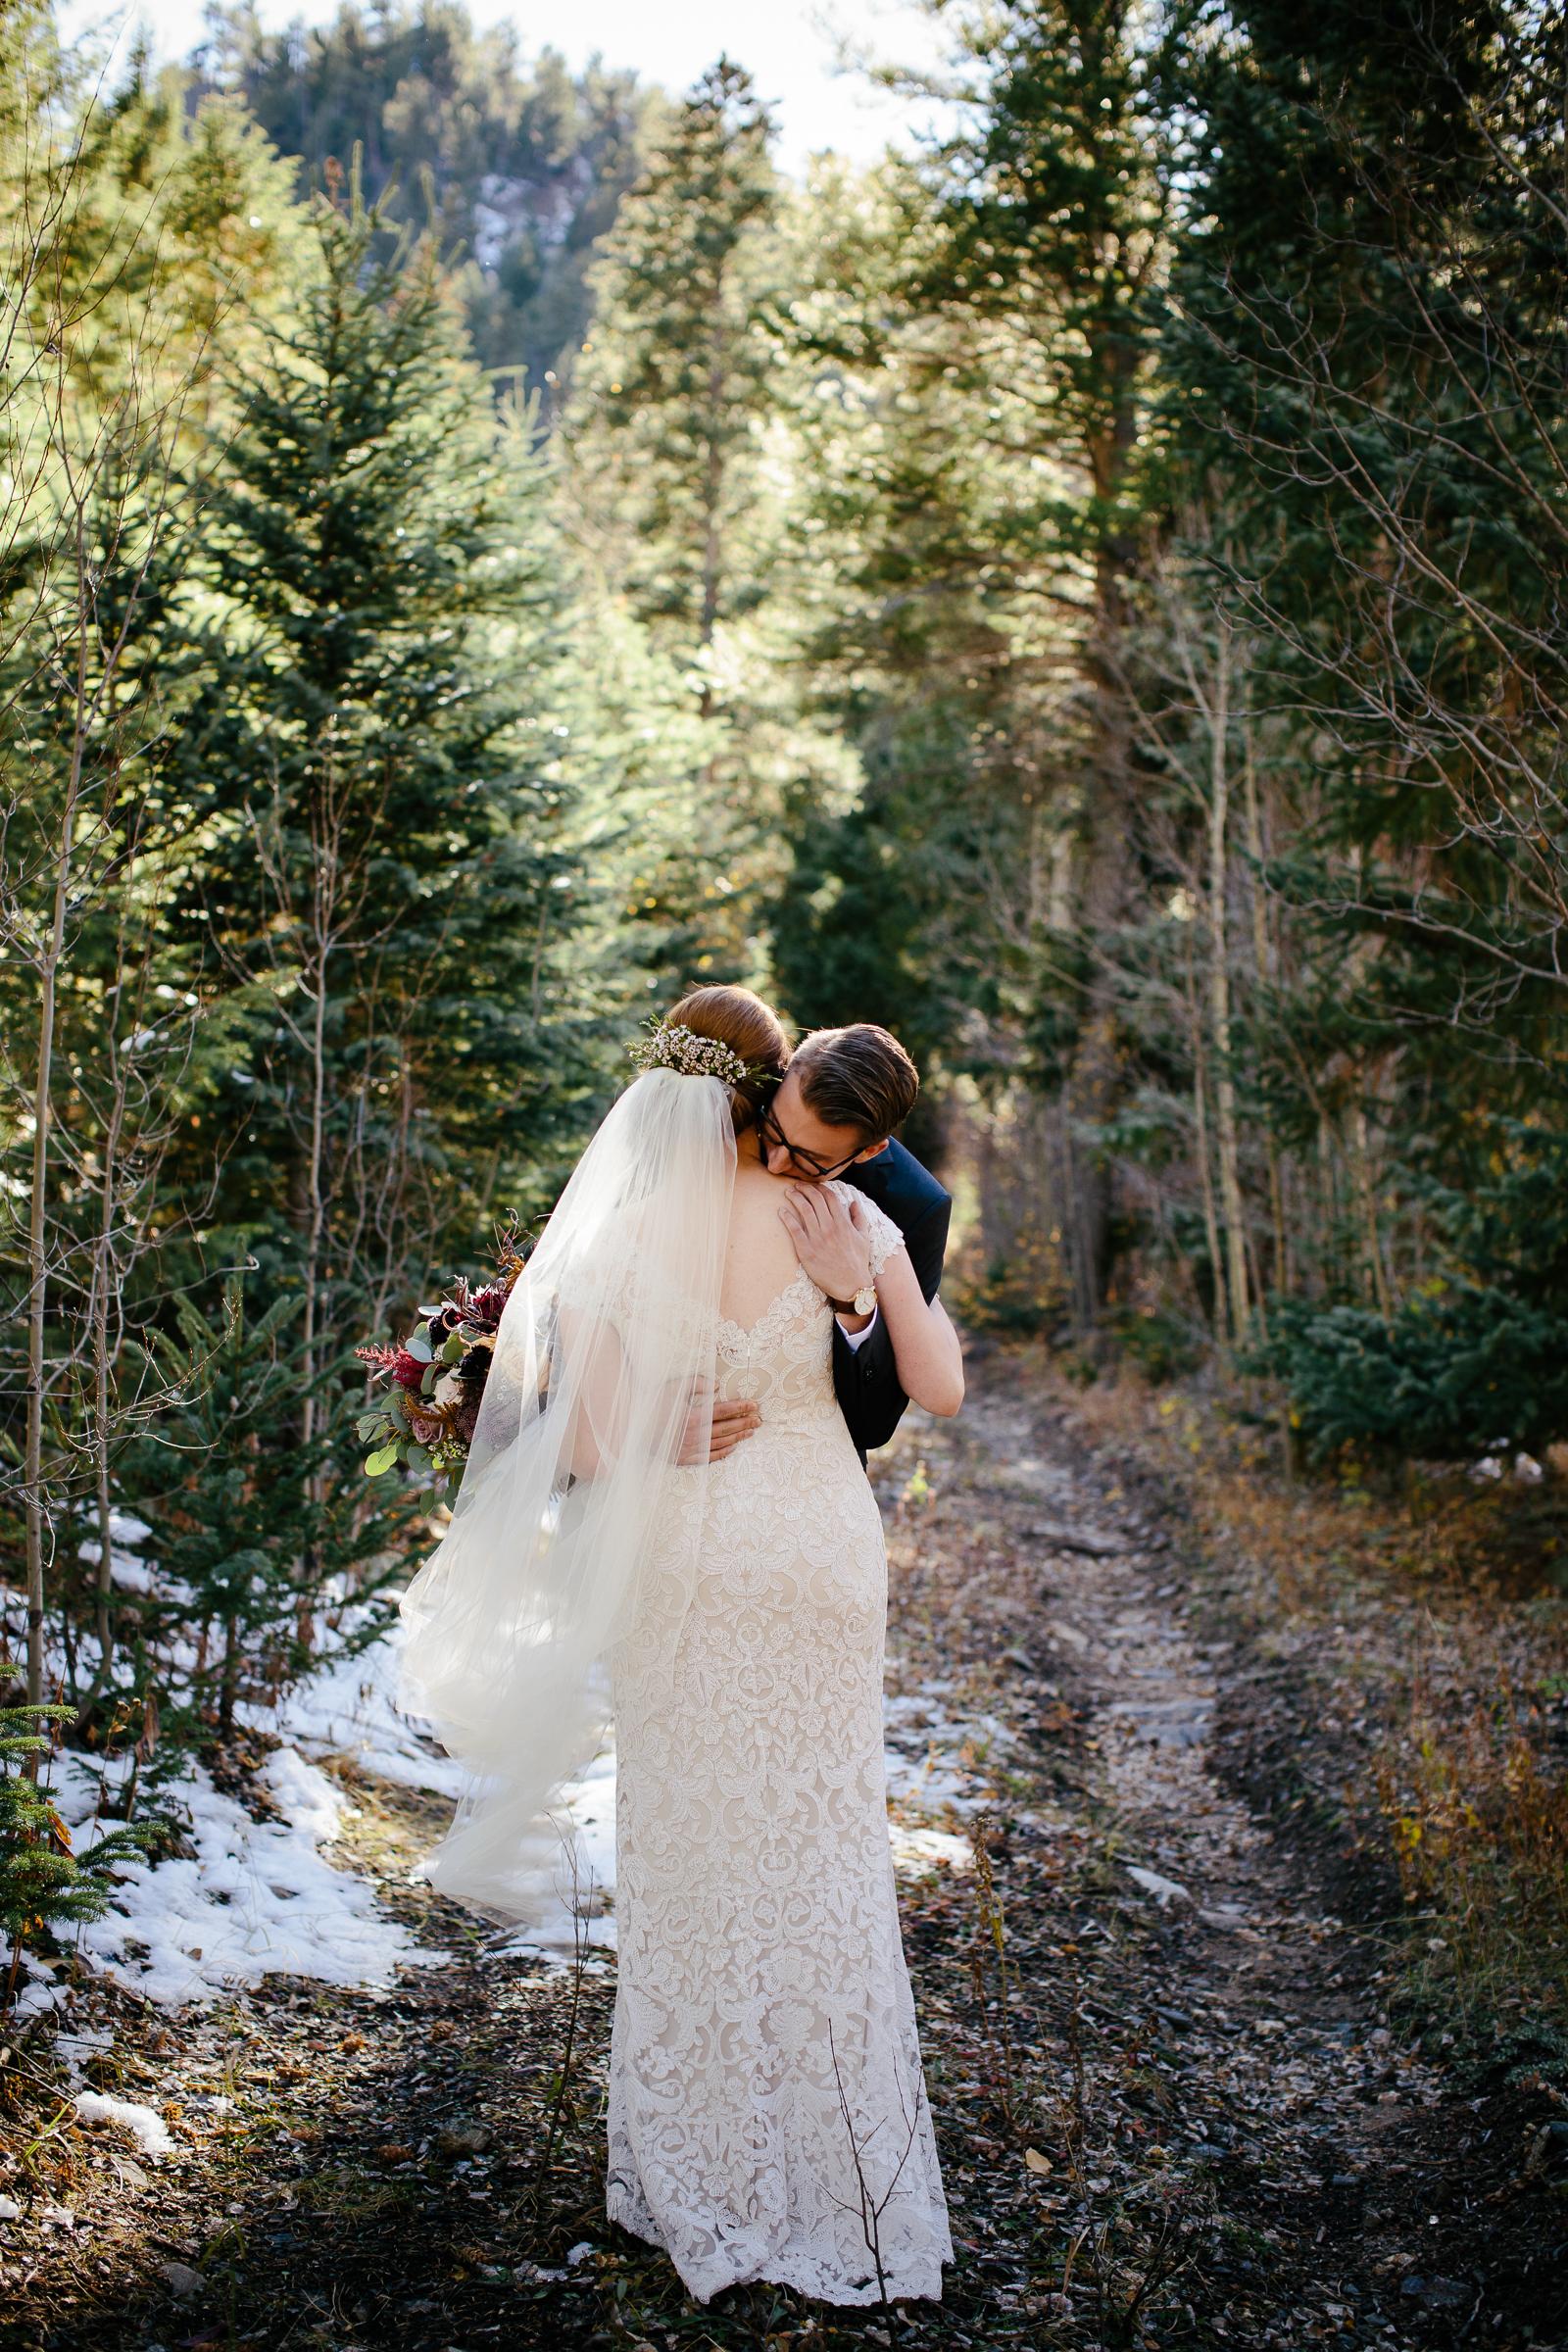 S+S, Married{MWP}-223.jpg